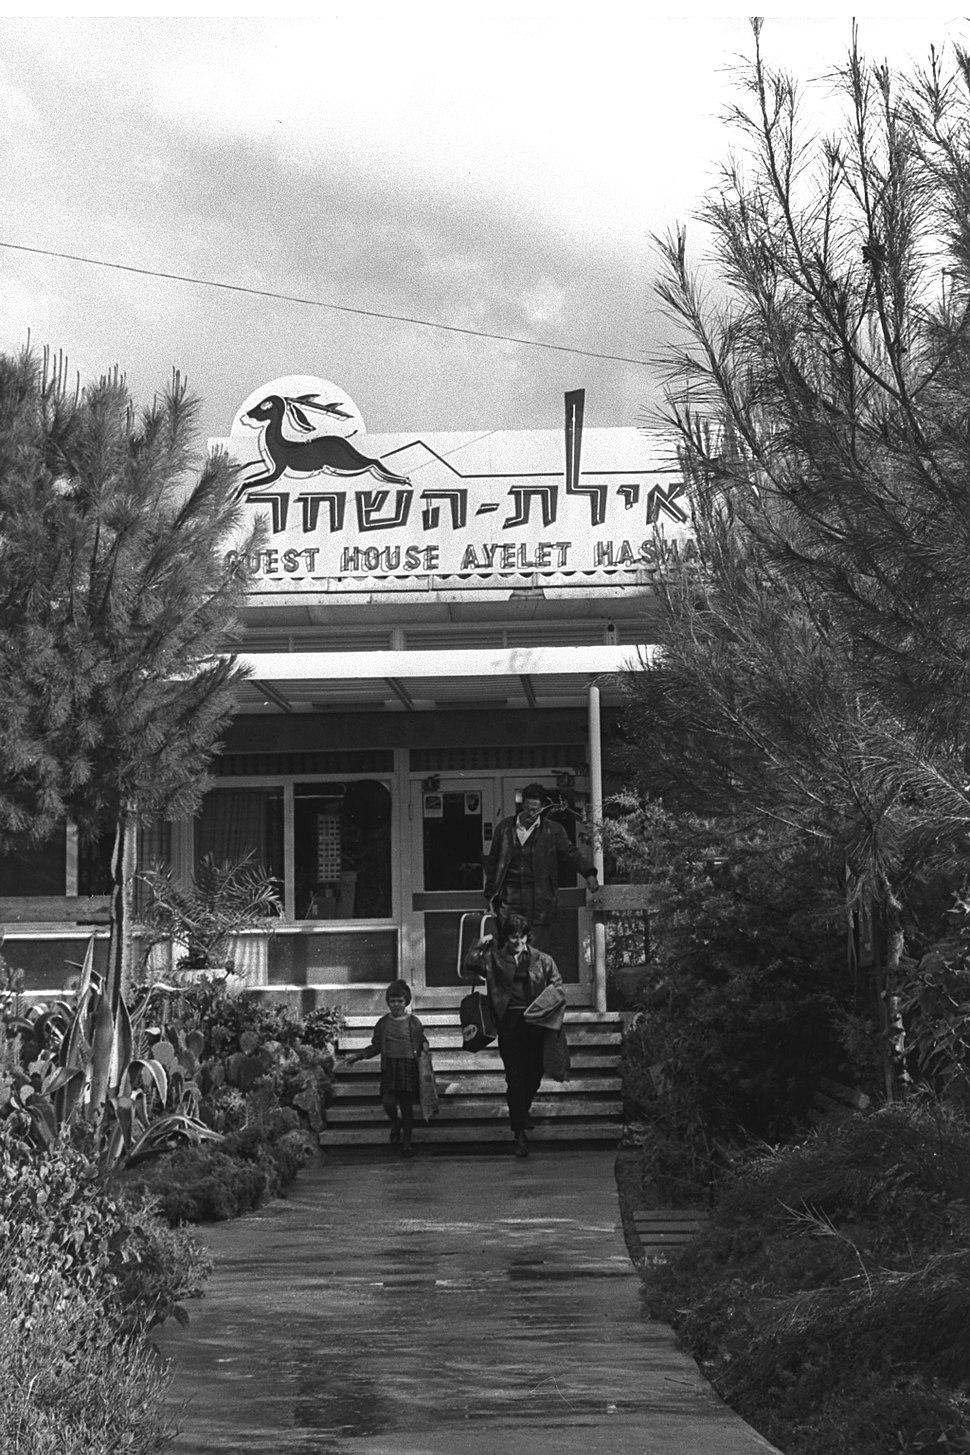 Ayelet Hashahar guest house 1964